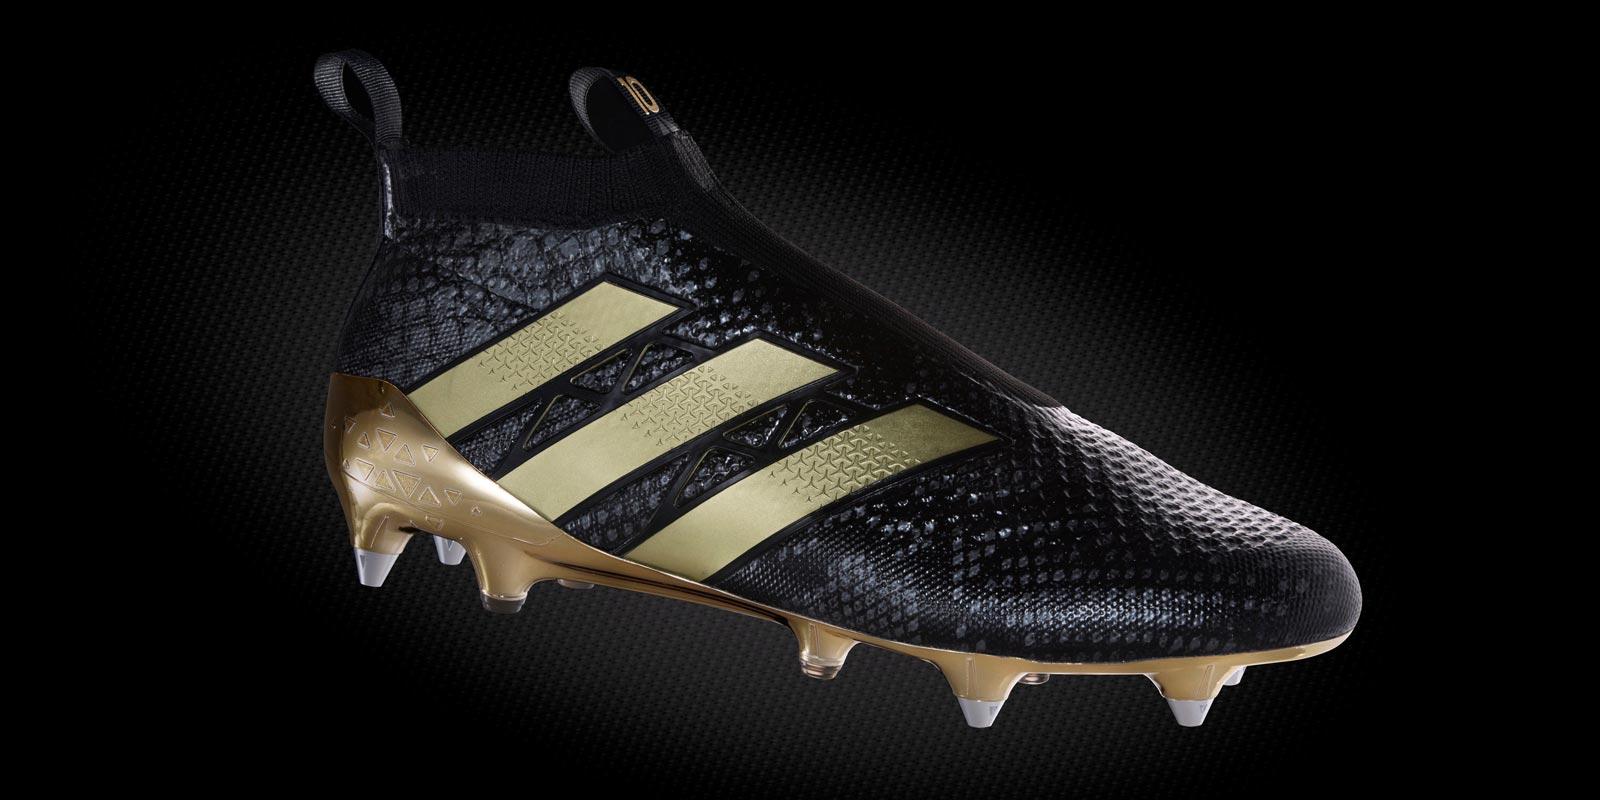 revendeur 98be8 3078c nouvelle adidas foot 2016